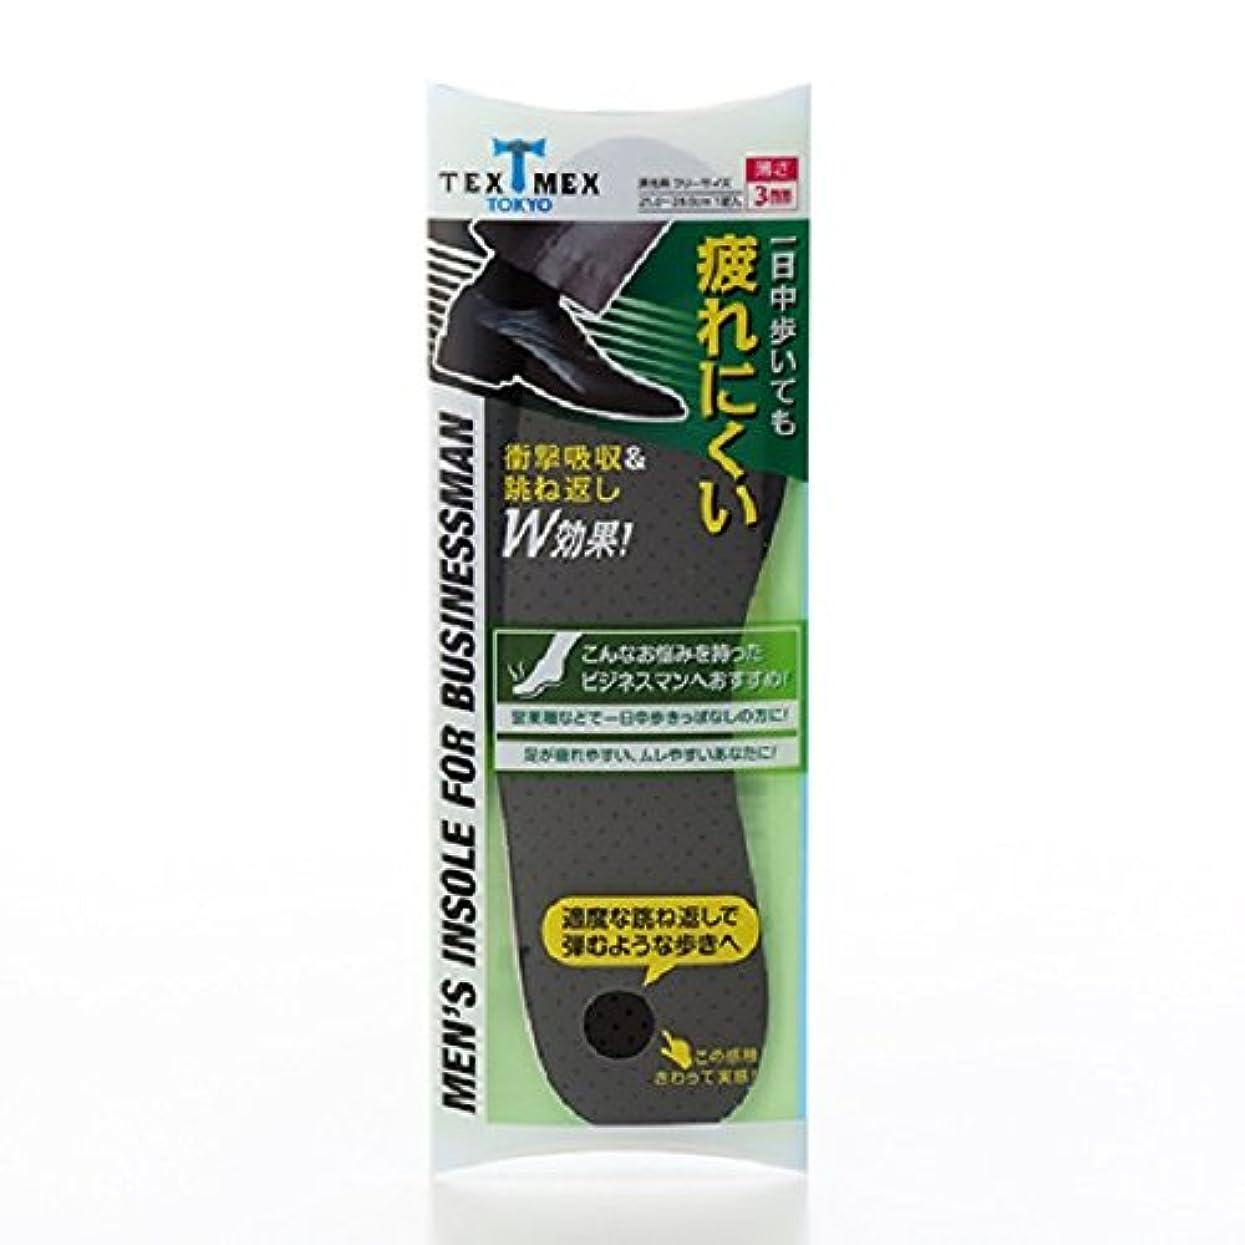 三十目を覚ますブルテックスメックス 衝撃吸収メンズインソール 1足分 25cm~28cm (男性用インソール) 【足の疲れや痛み、ムレ対策に】